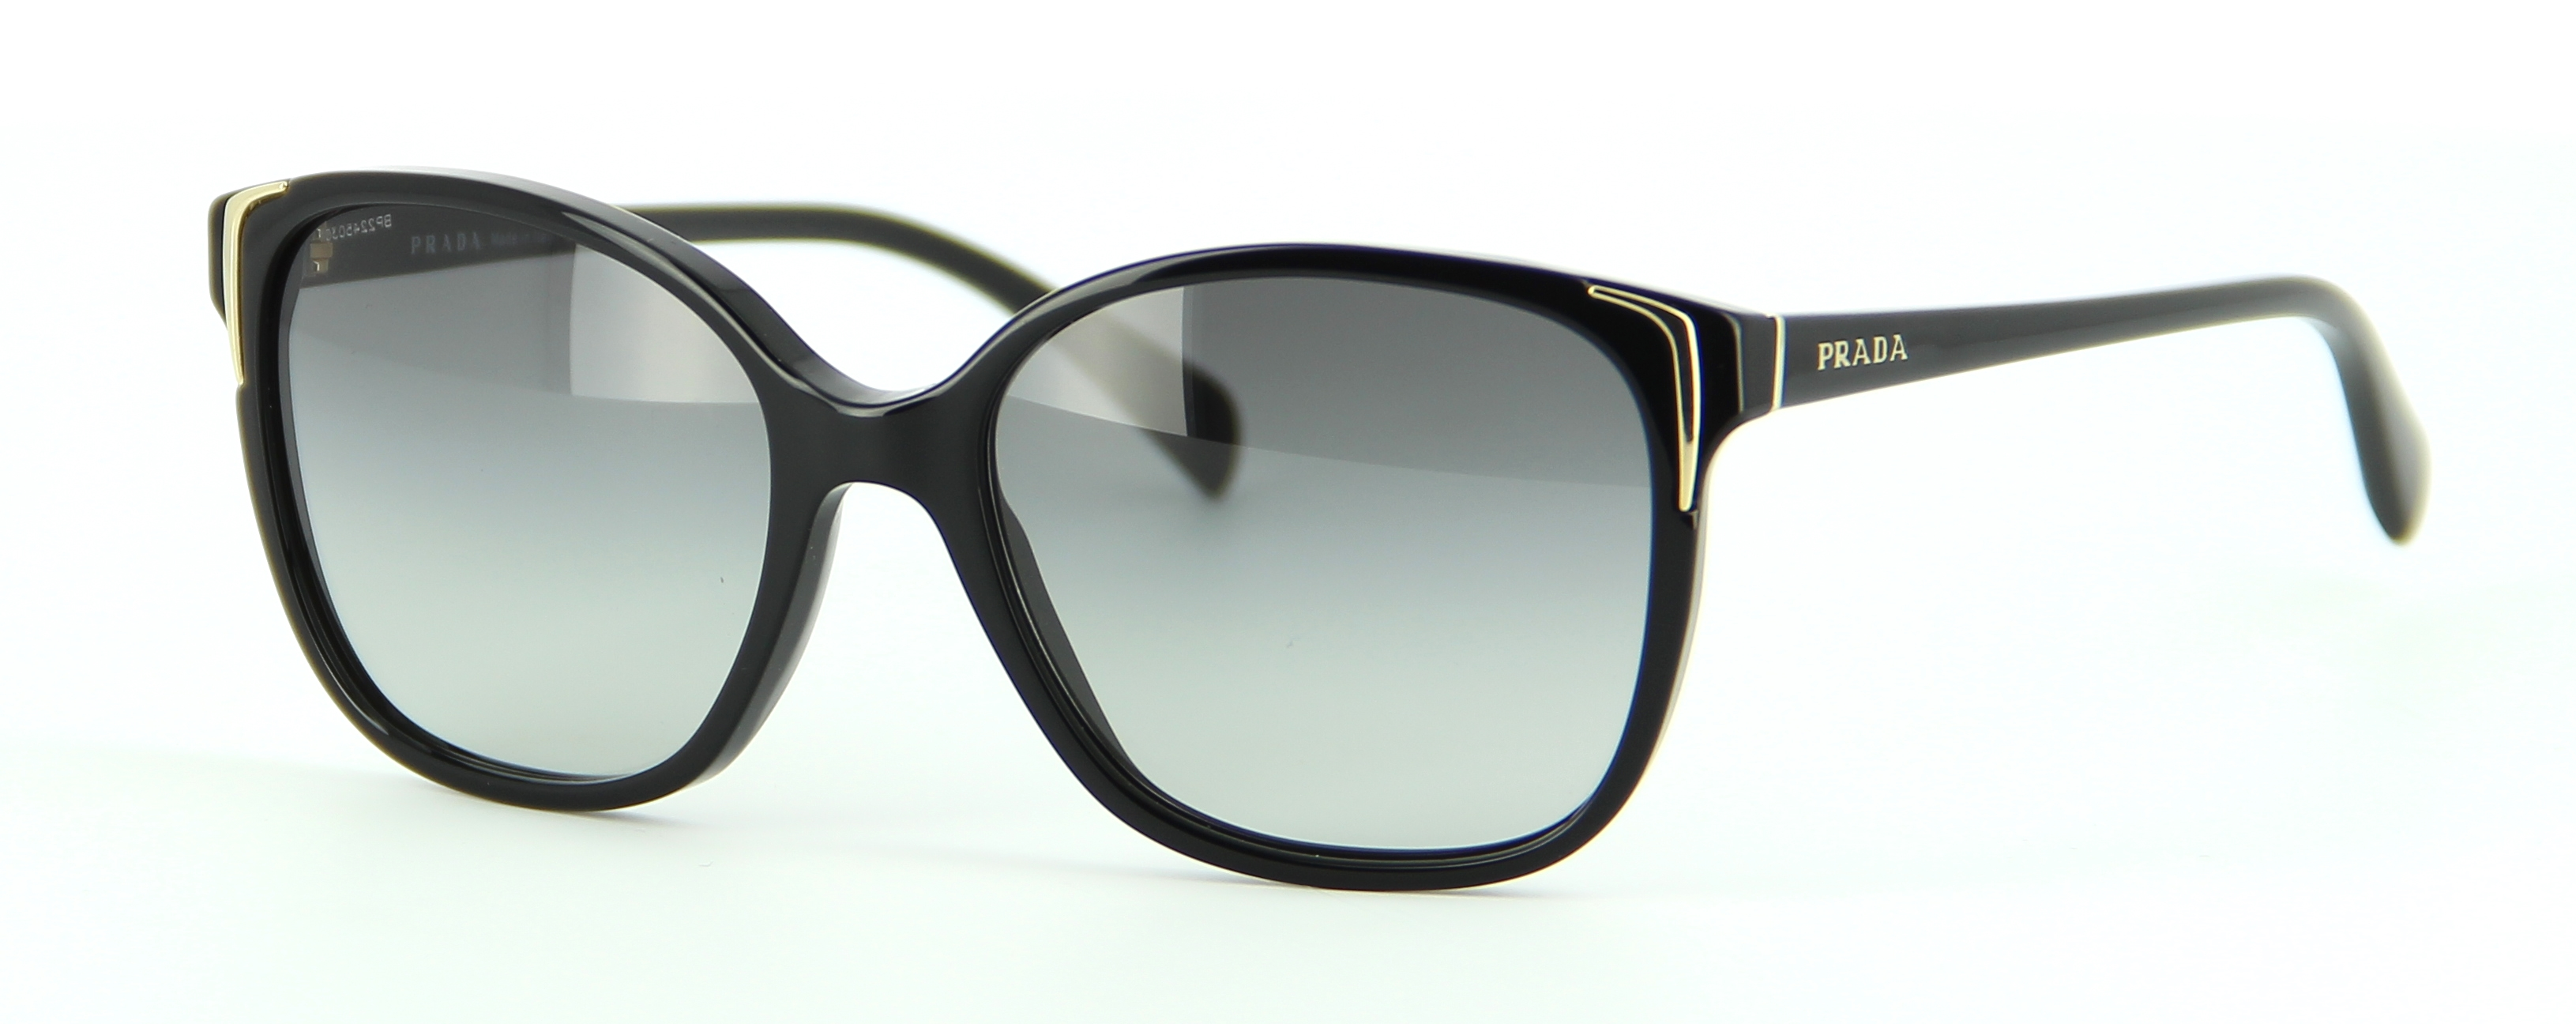 1550d77f5f Modèle lunettes de soleil Prada femme